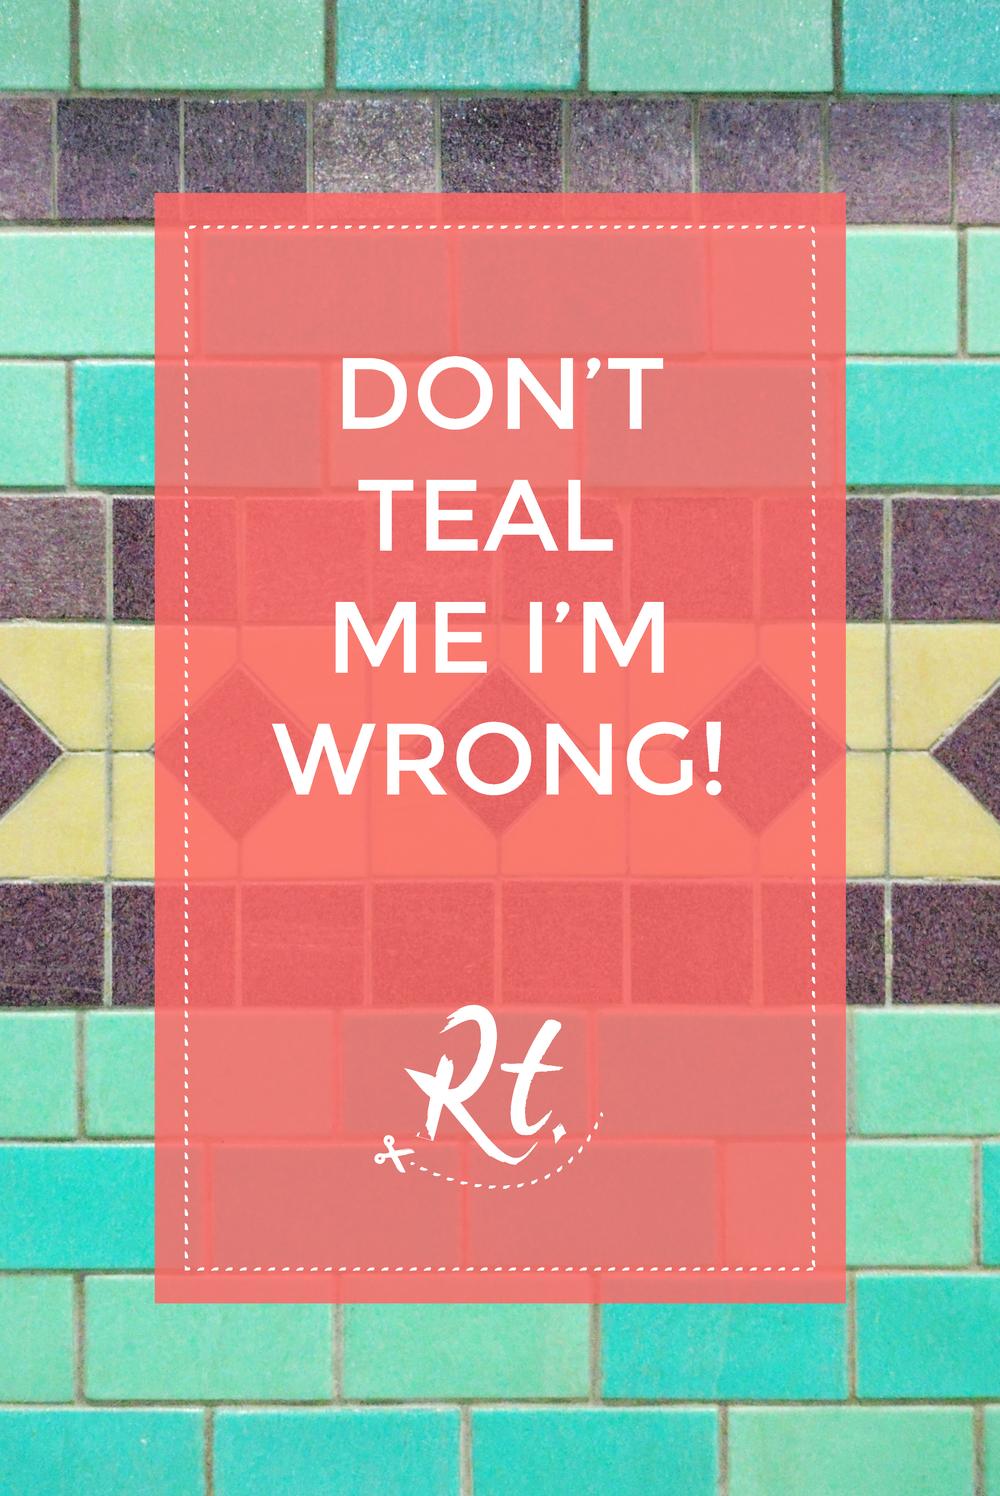 Don't teal me I'm wrong, Aldgate tube station tiles